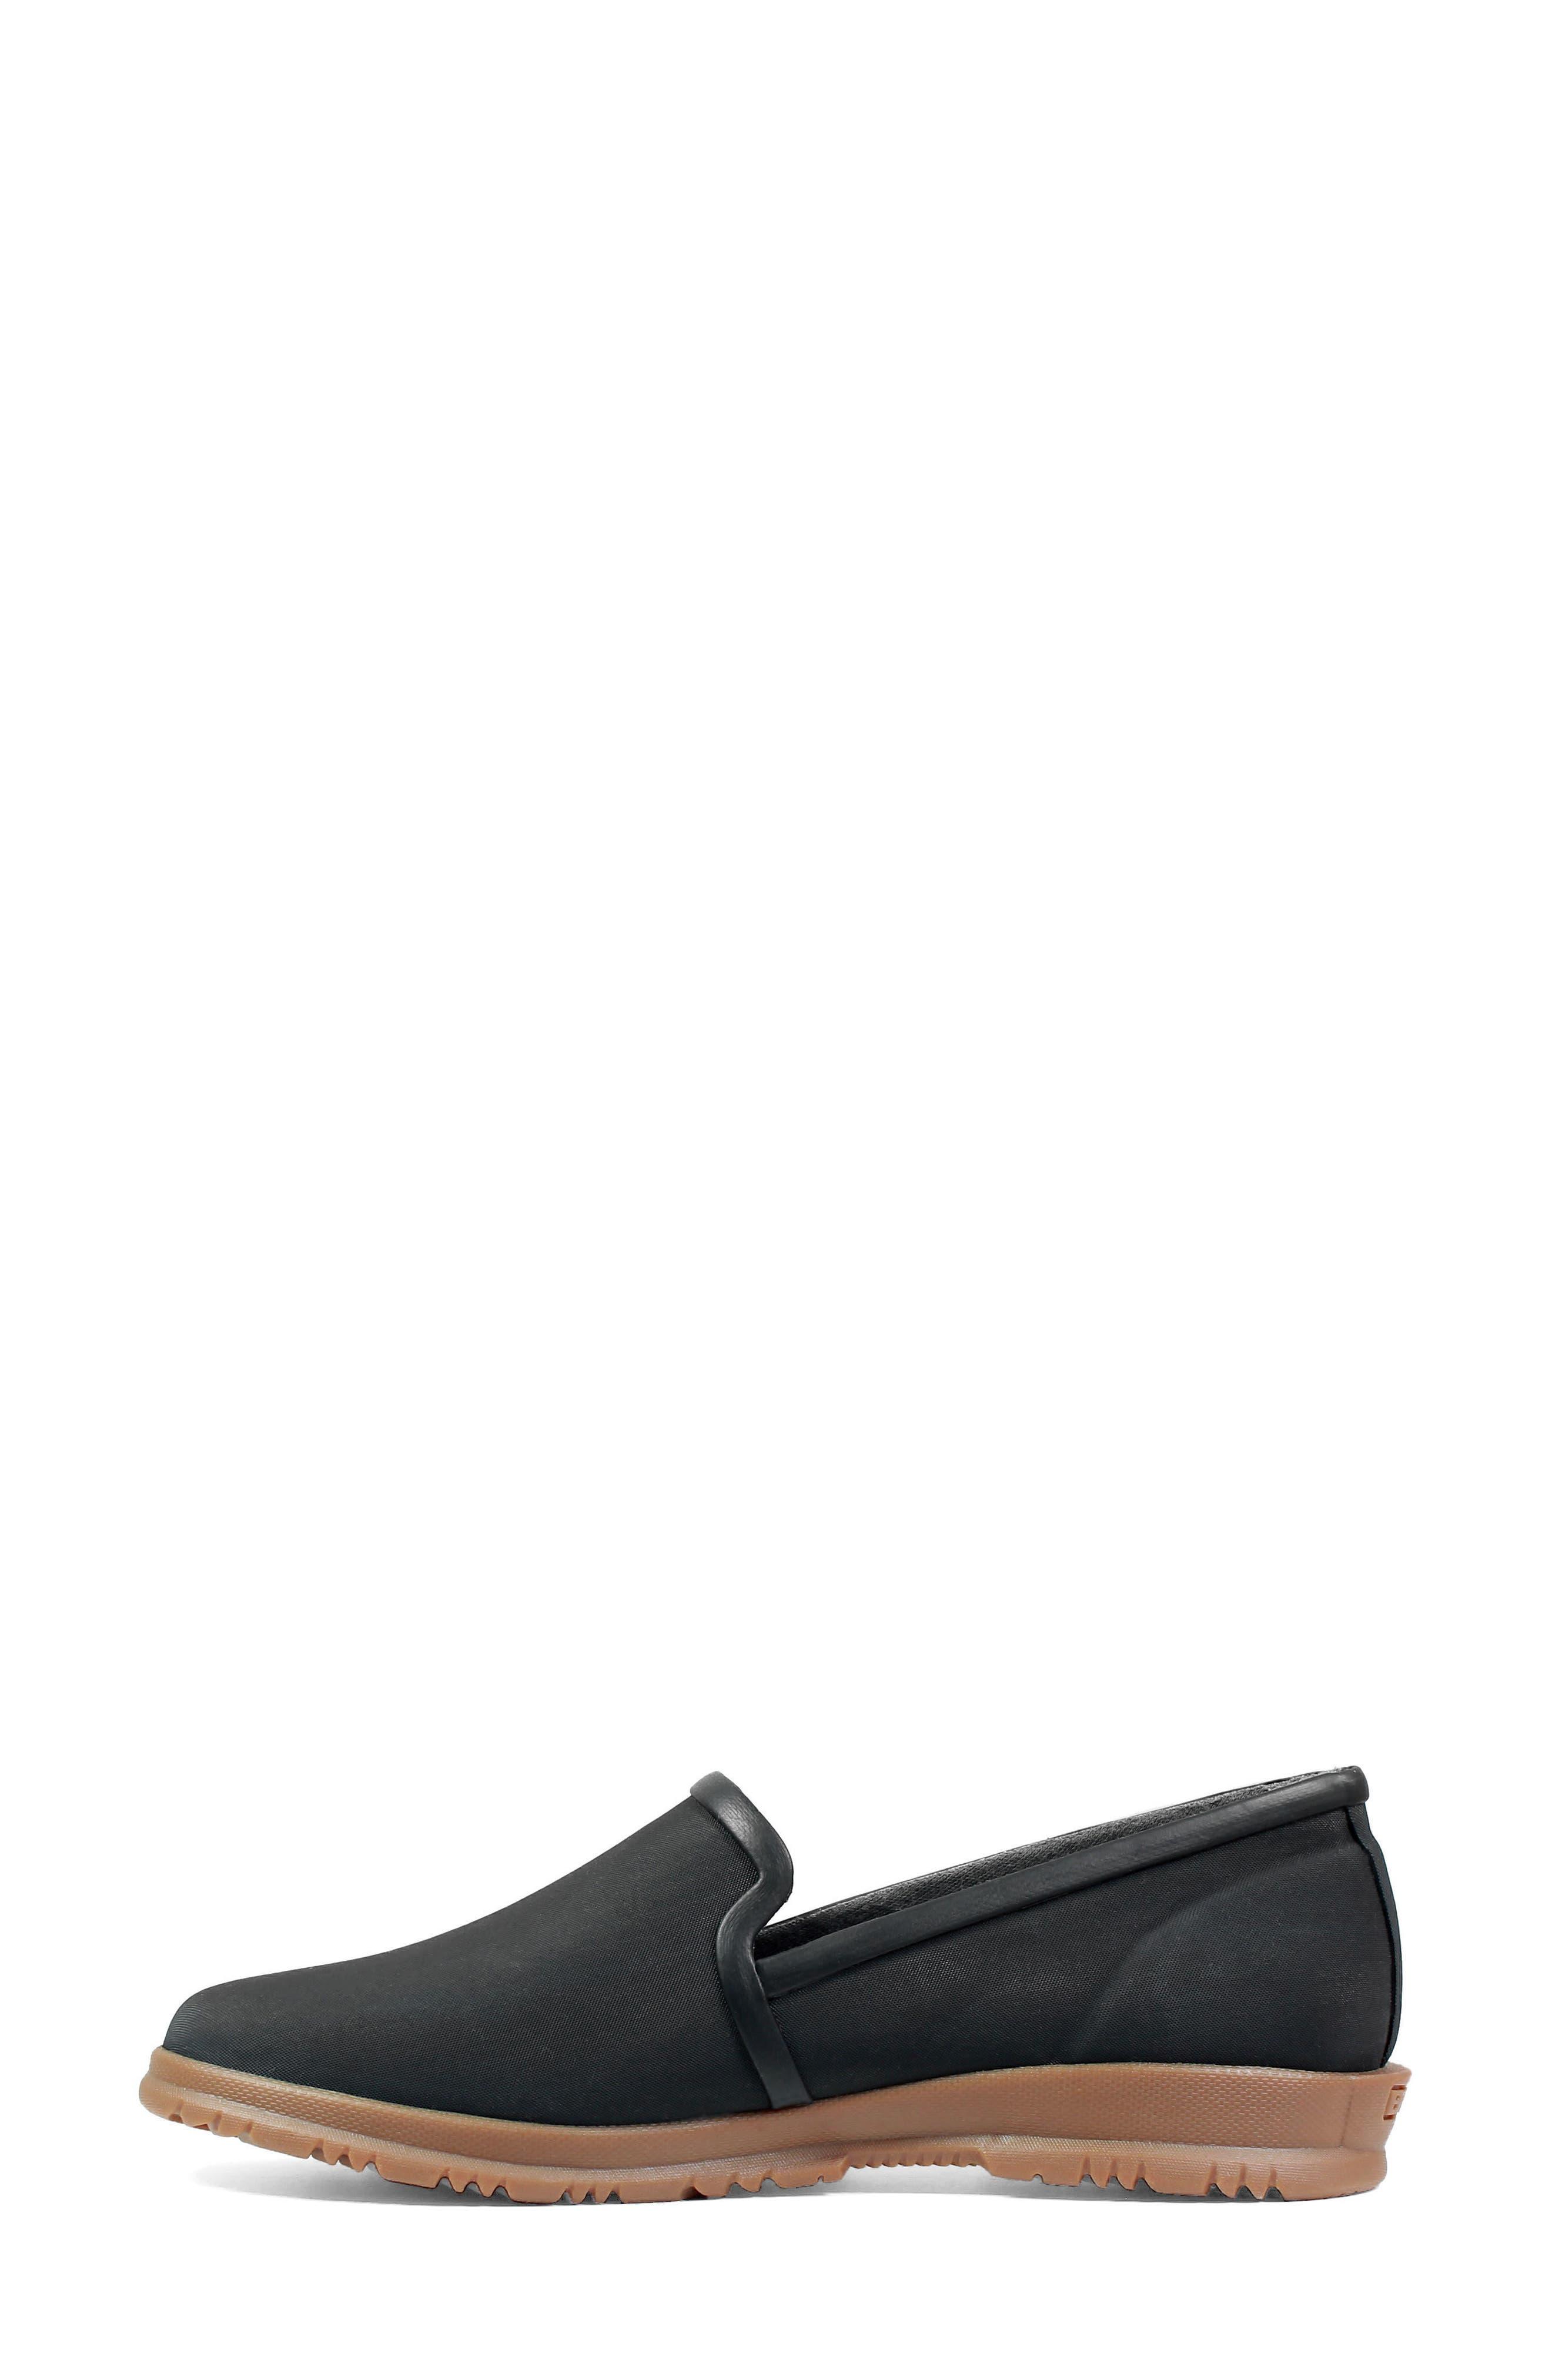 Sweetpea Waterproof Slip-On Sneaker,                             Alternate thumbnail 3, color,                             BLACK FABRIC